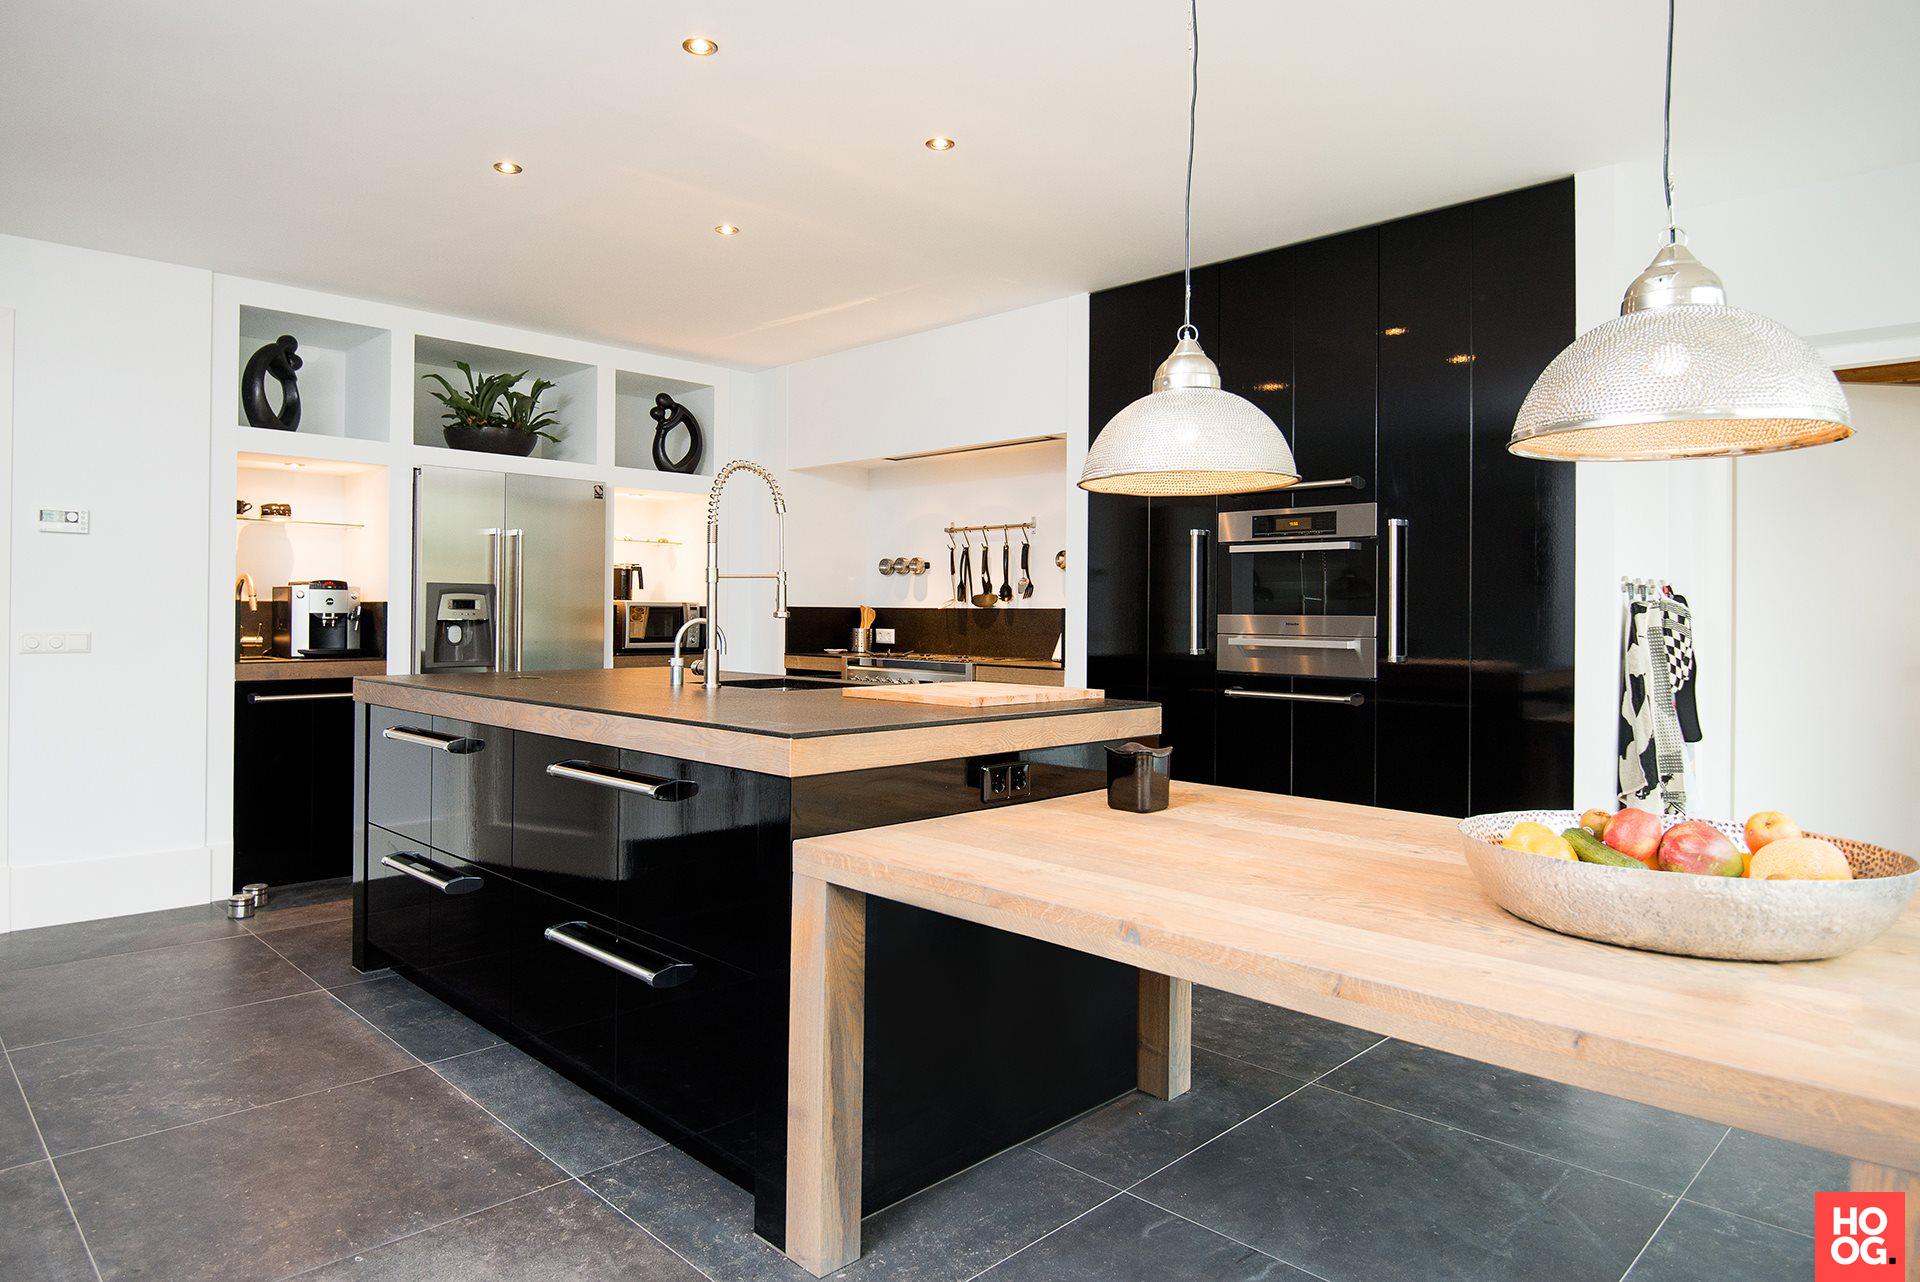 Afbeeldingsresultaat voor keukeneiland met boretti keuken